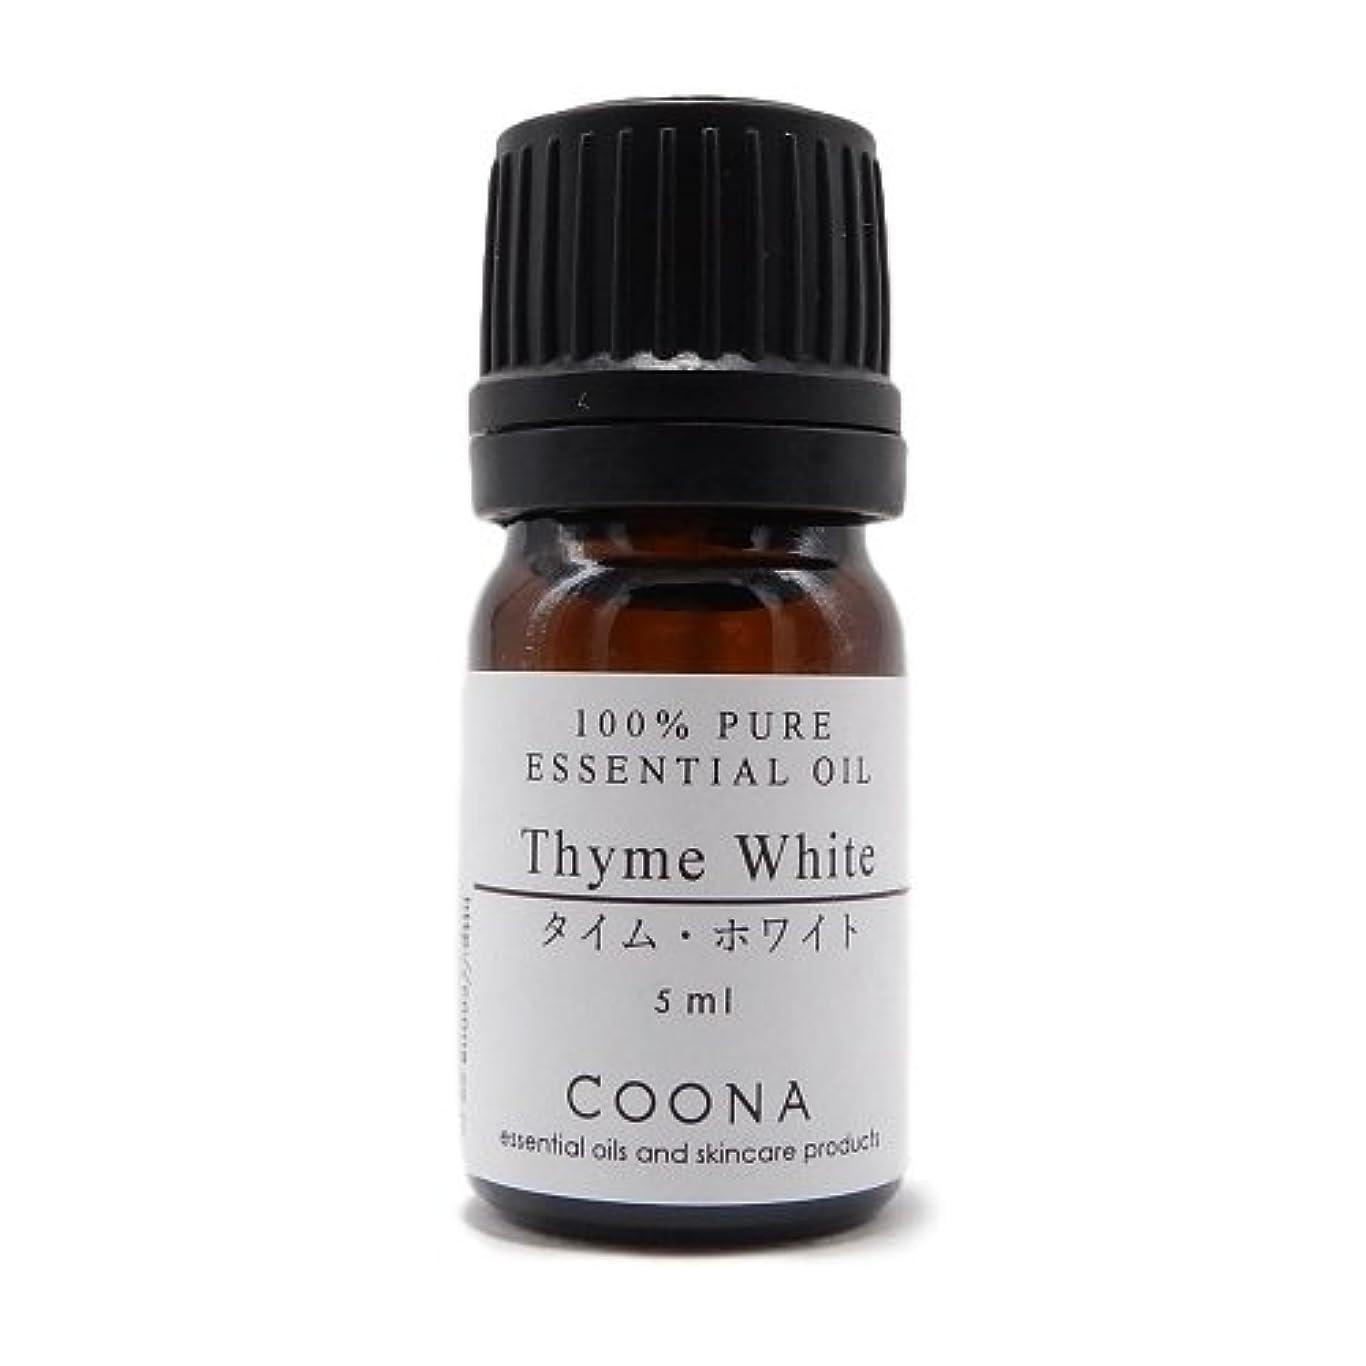 タイム ホワイト 5 ml (COONA エッセンシャルオイル アロマオイル 100%天然植物精油)